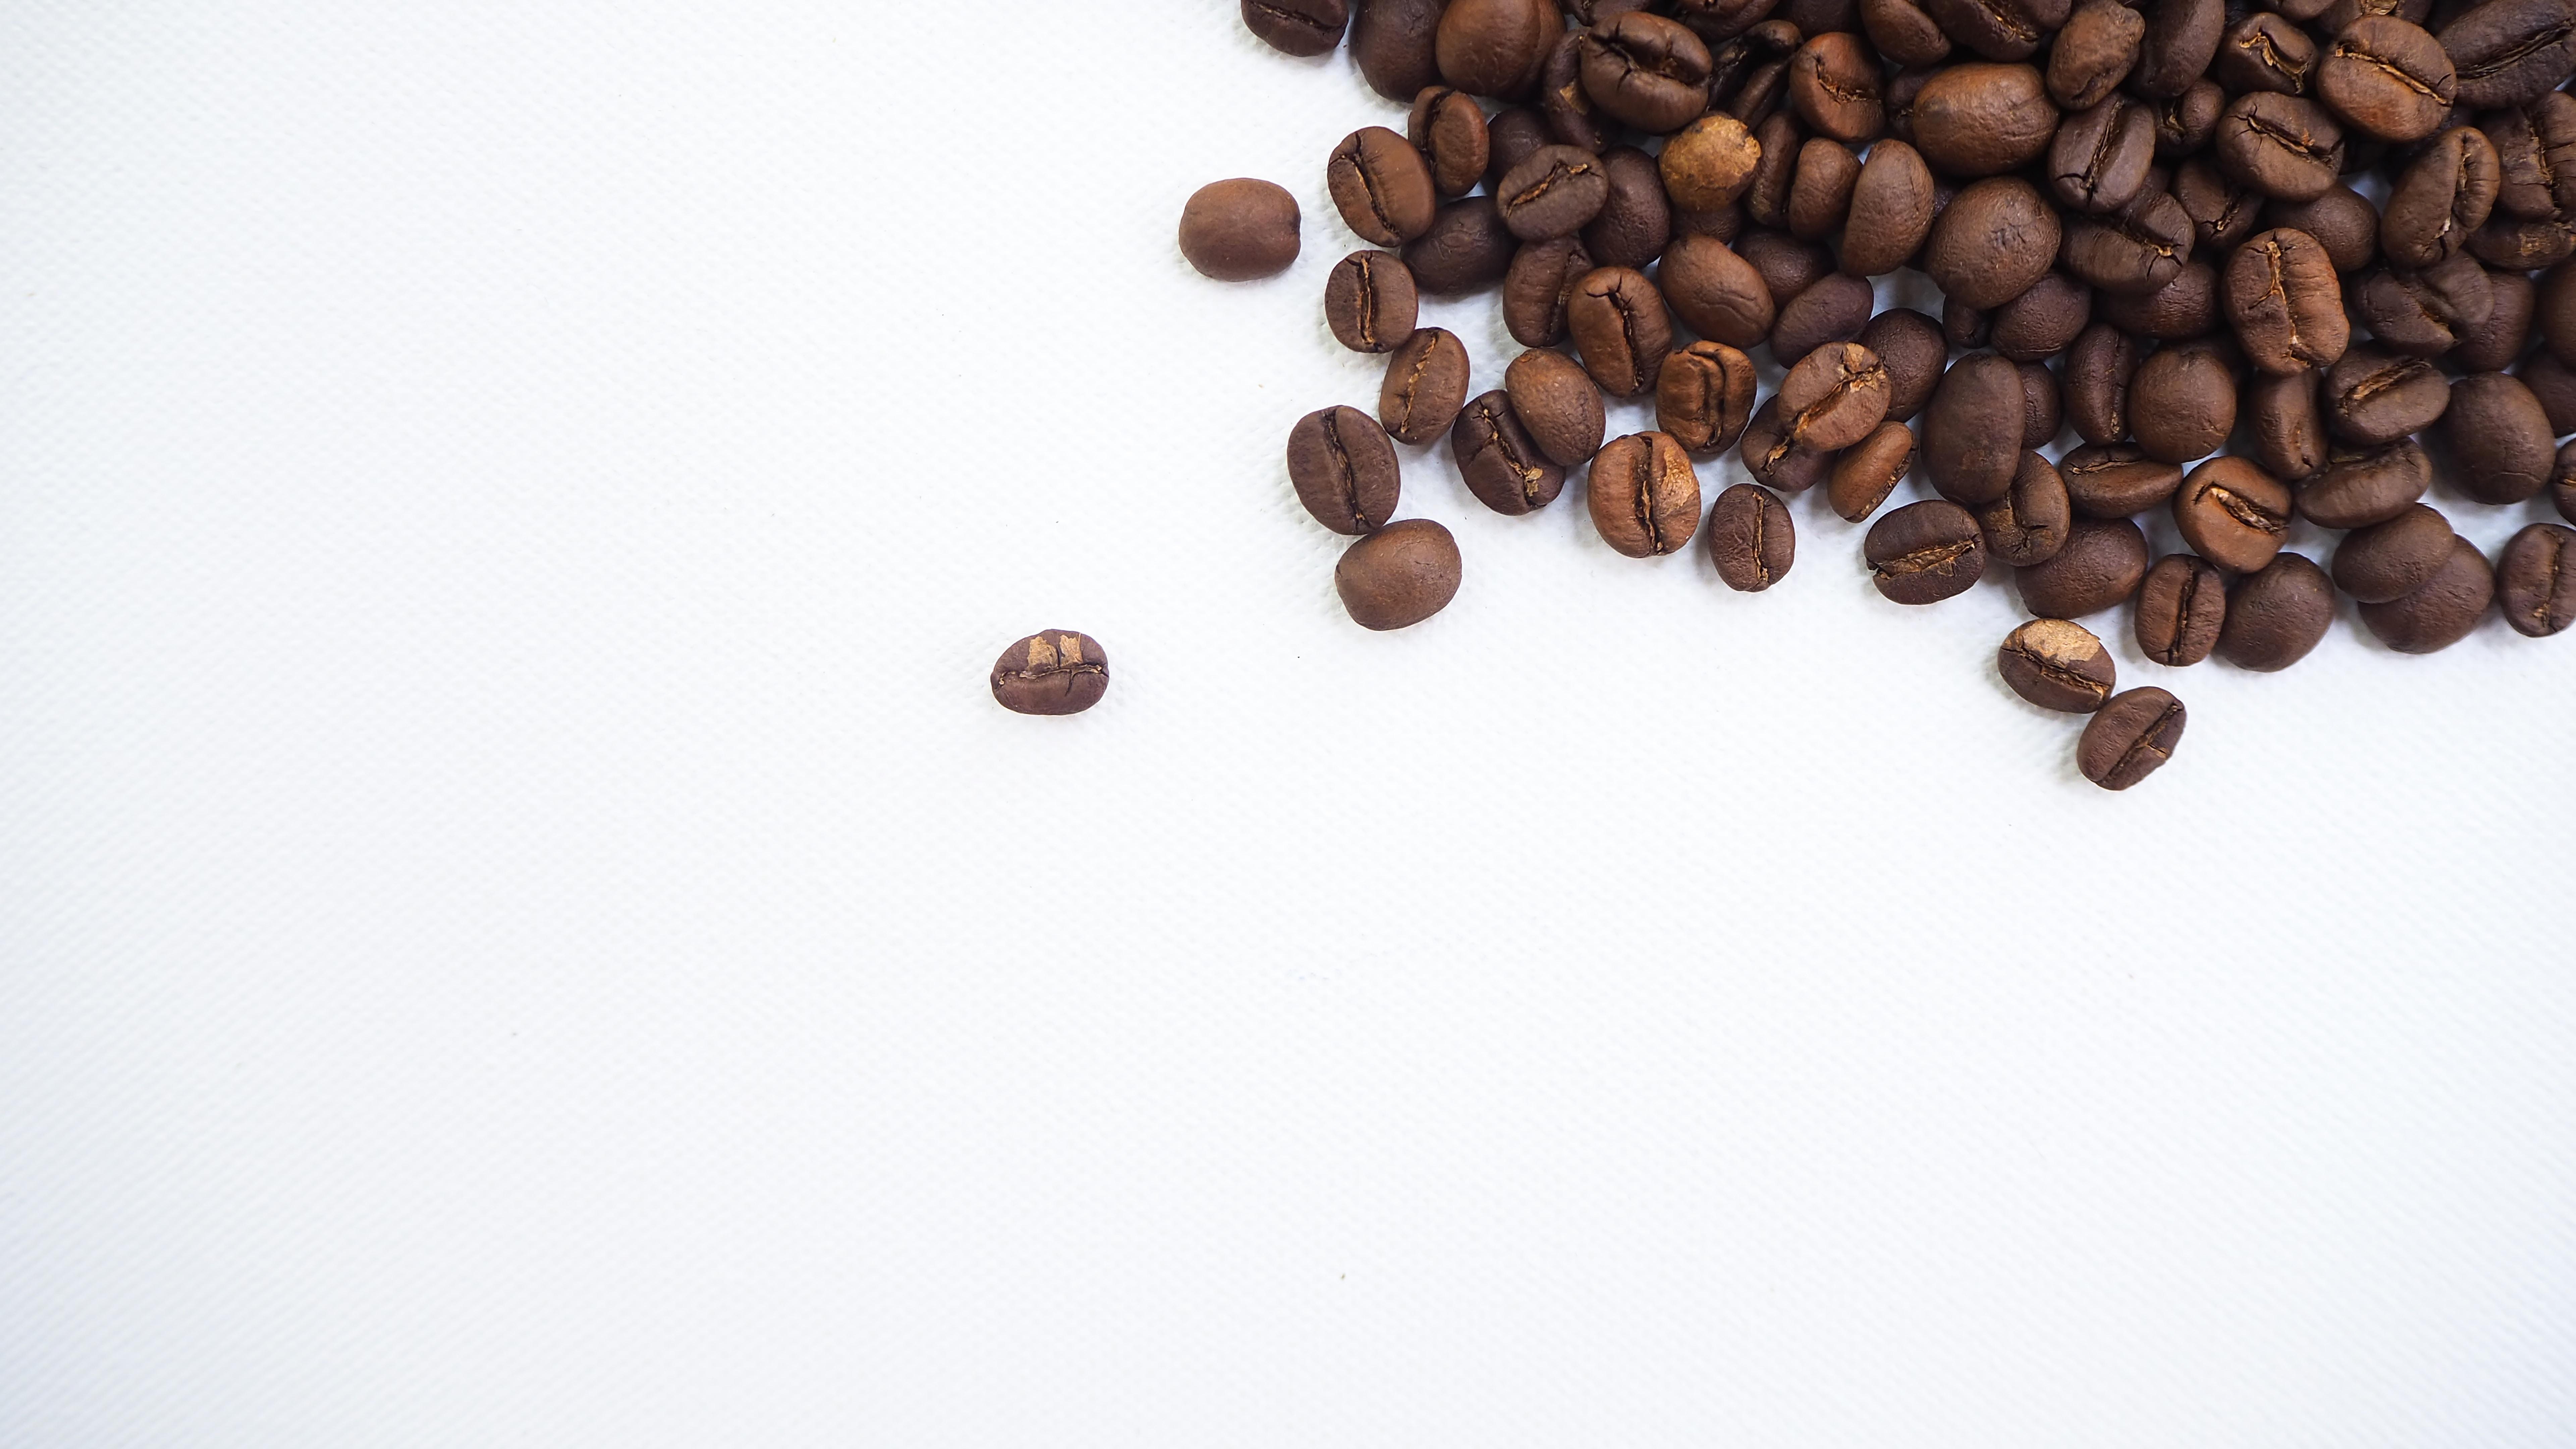 coffee-geek-F_lXnjha3jc-unsplash.jpg?1574377774